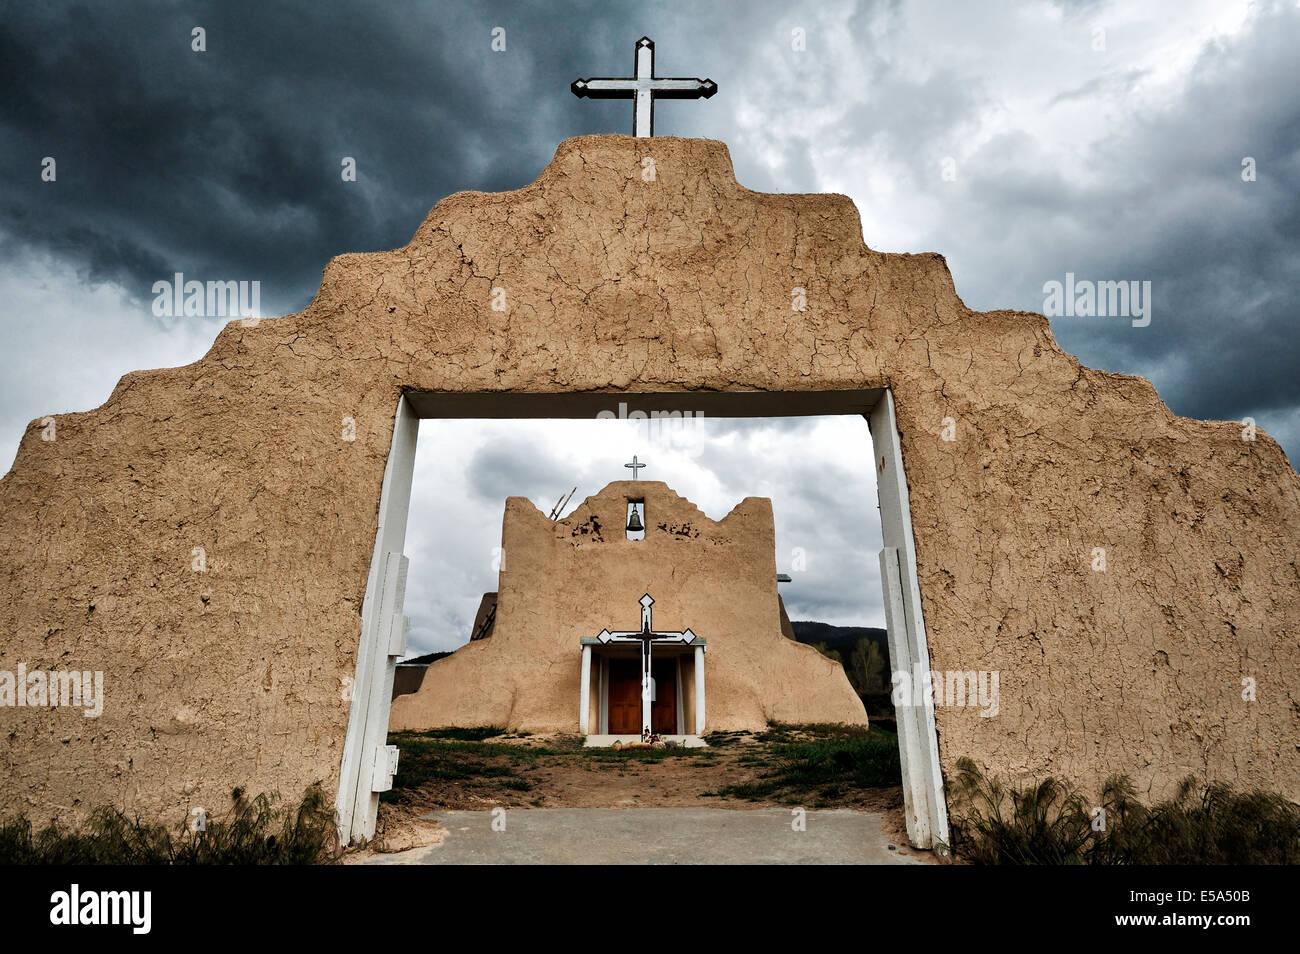 Pueblo Kirche Torbogen unter Gewitterhimmel, Picuris Pueblo, New Mexico, Vereinigte Staaten Stockbild